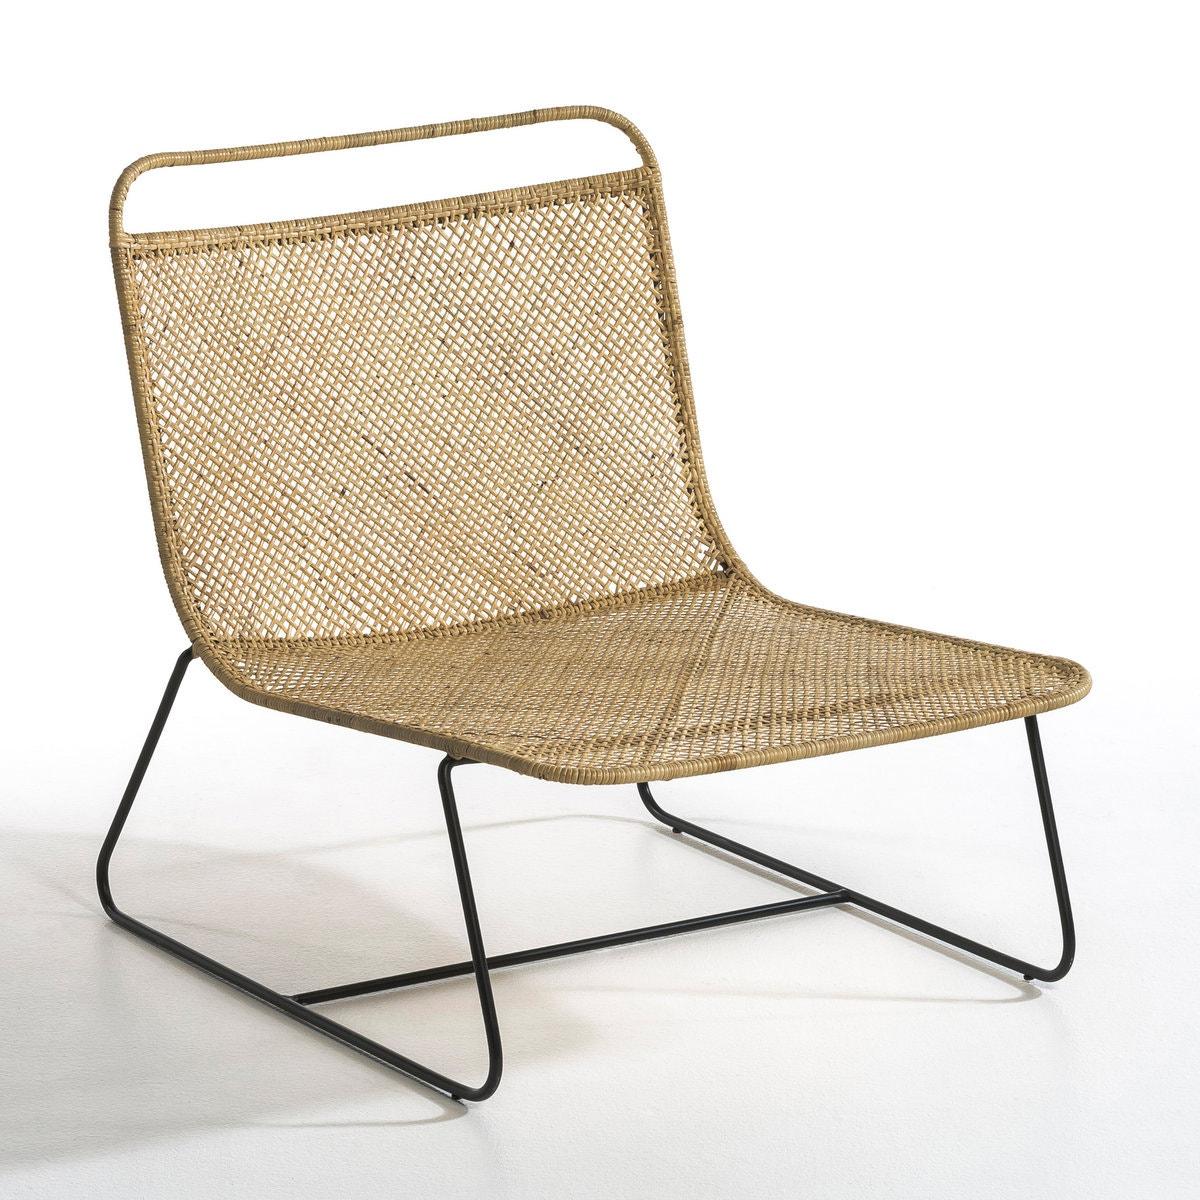 Sillón lounge trenzado Théophane, diseño de E.Gallina